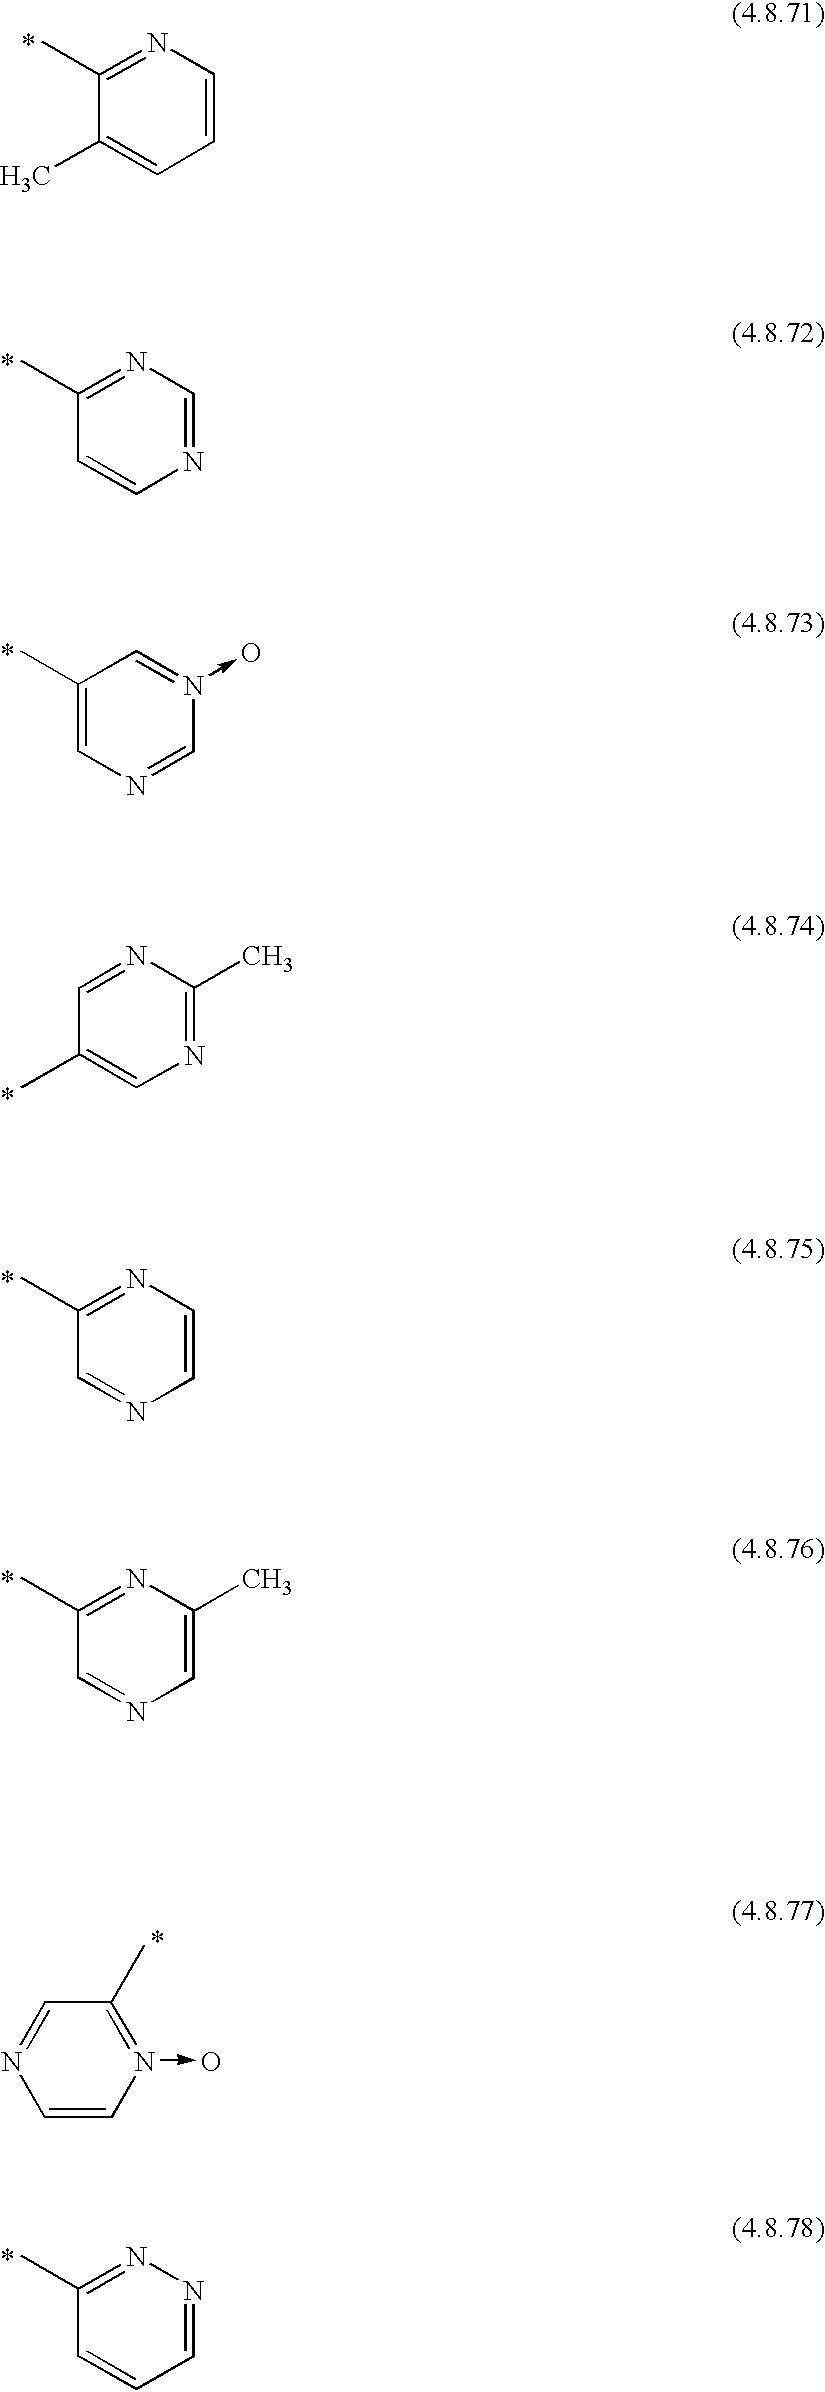 Figure US20030186974A1-20031002-C00166